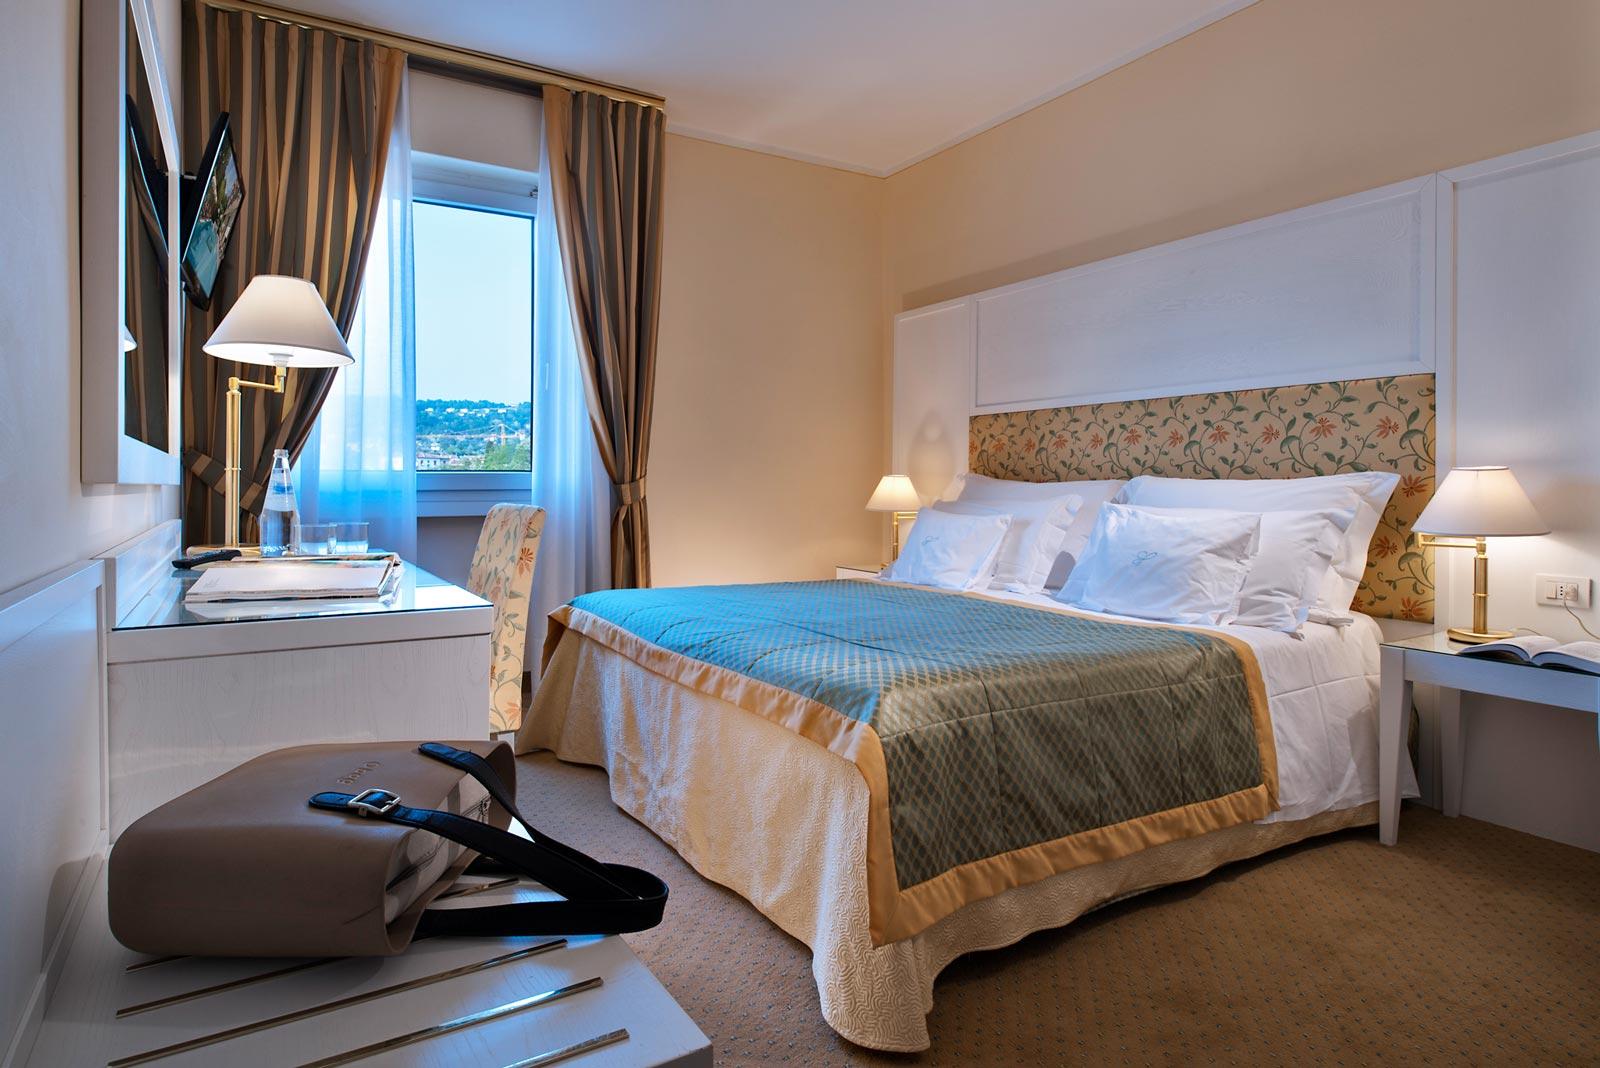 Aufenthalt In Bardolino Am Gardasee 4 Sterne Hotel Palace San Pietro